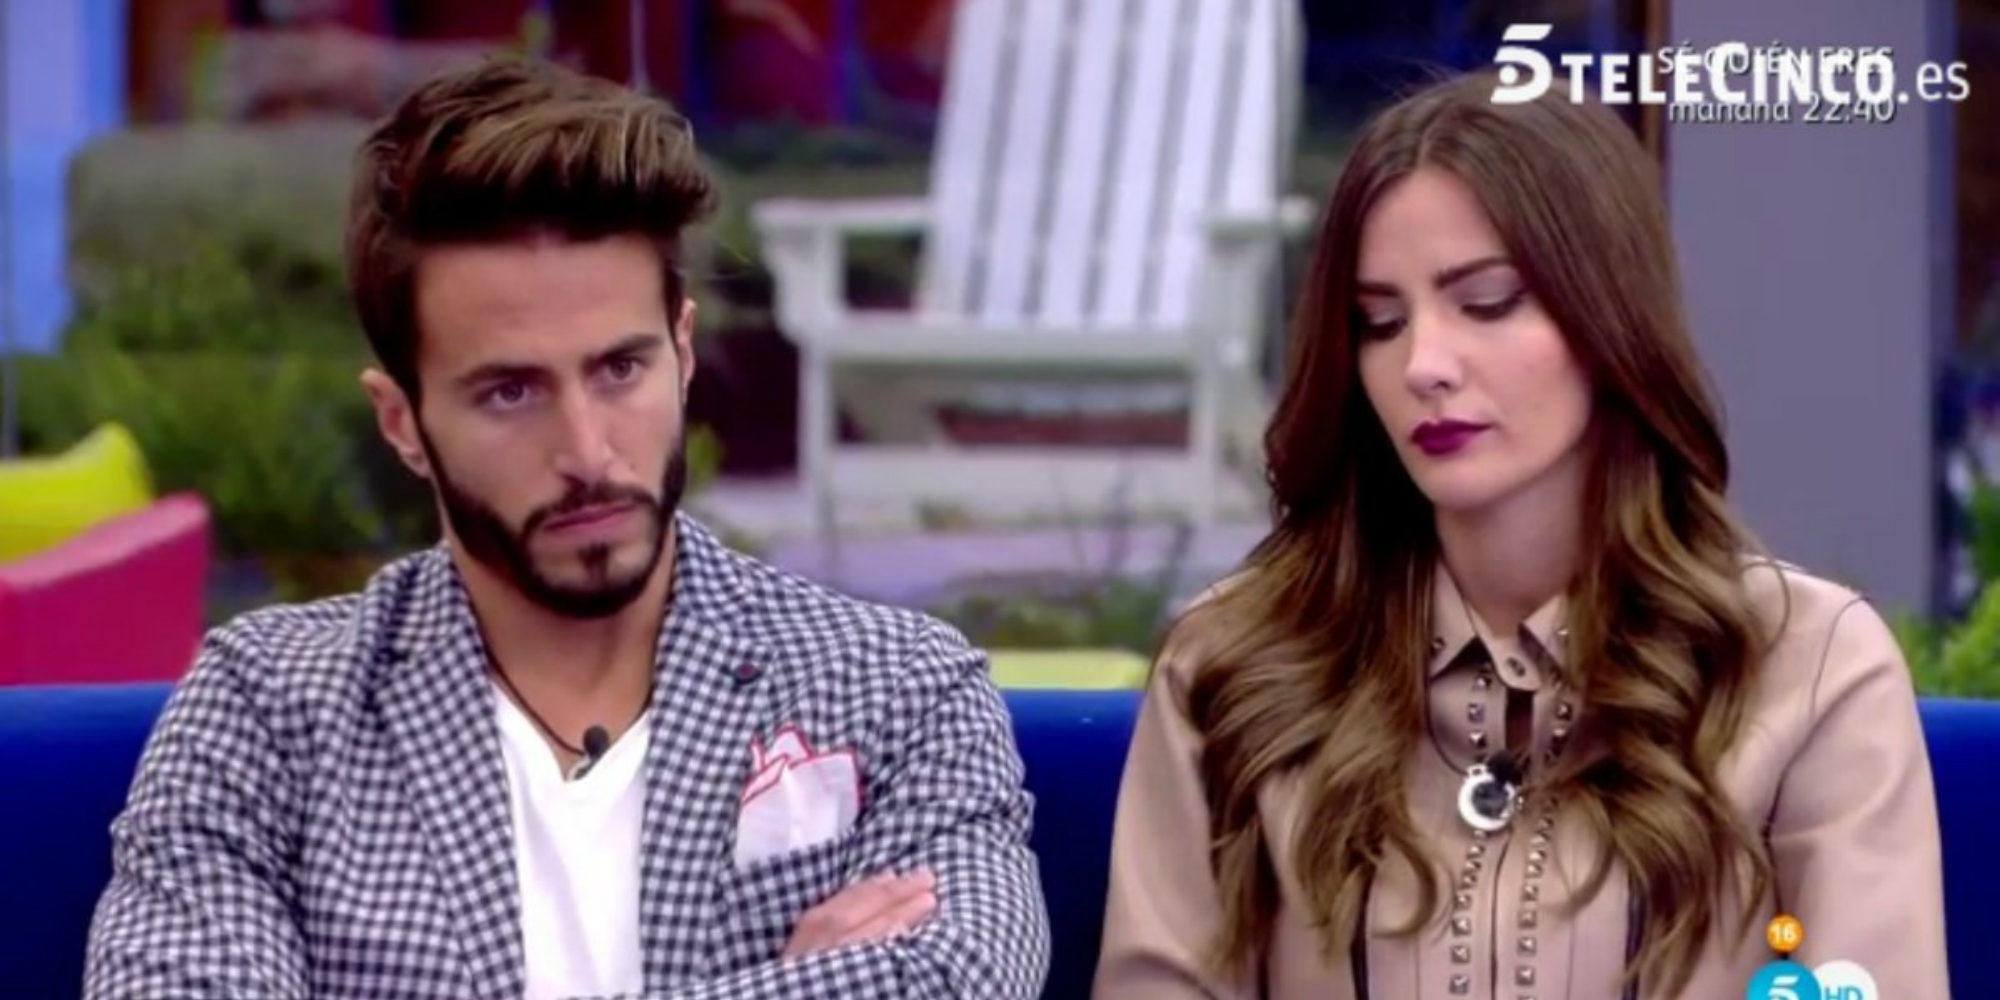 """Aylén y Marco vuelven a discutir por Alyson: """"No escribas tu nombre en la pierna de la chica a la que le gustas"""""""